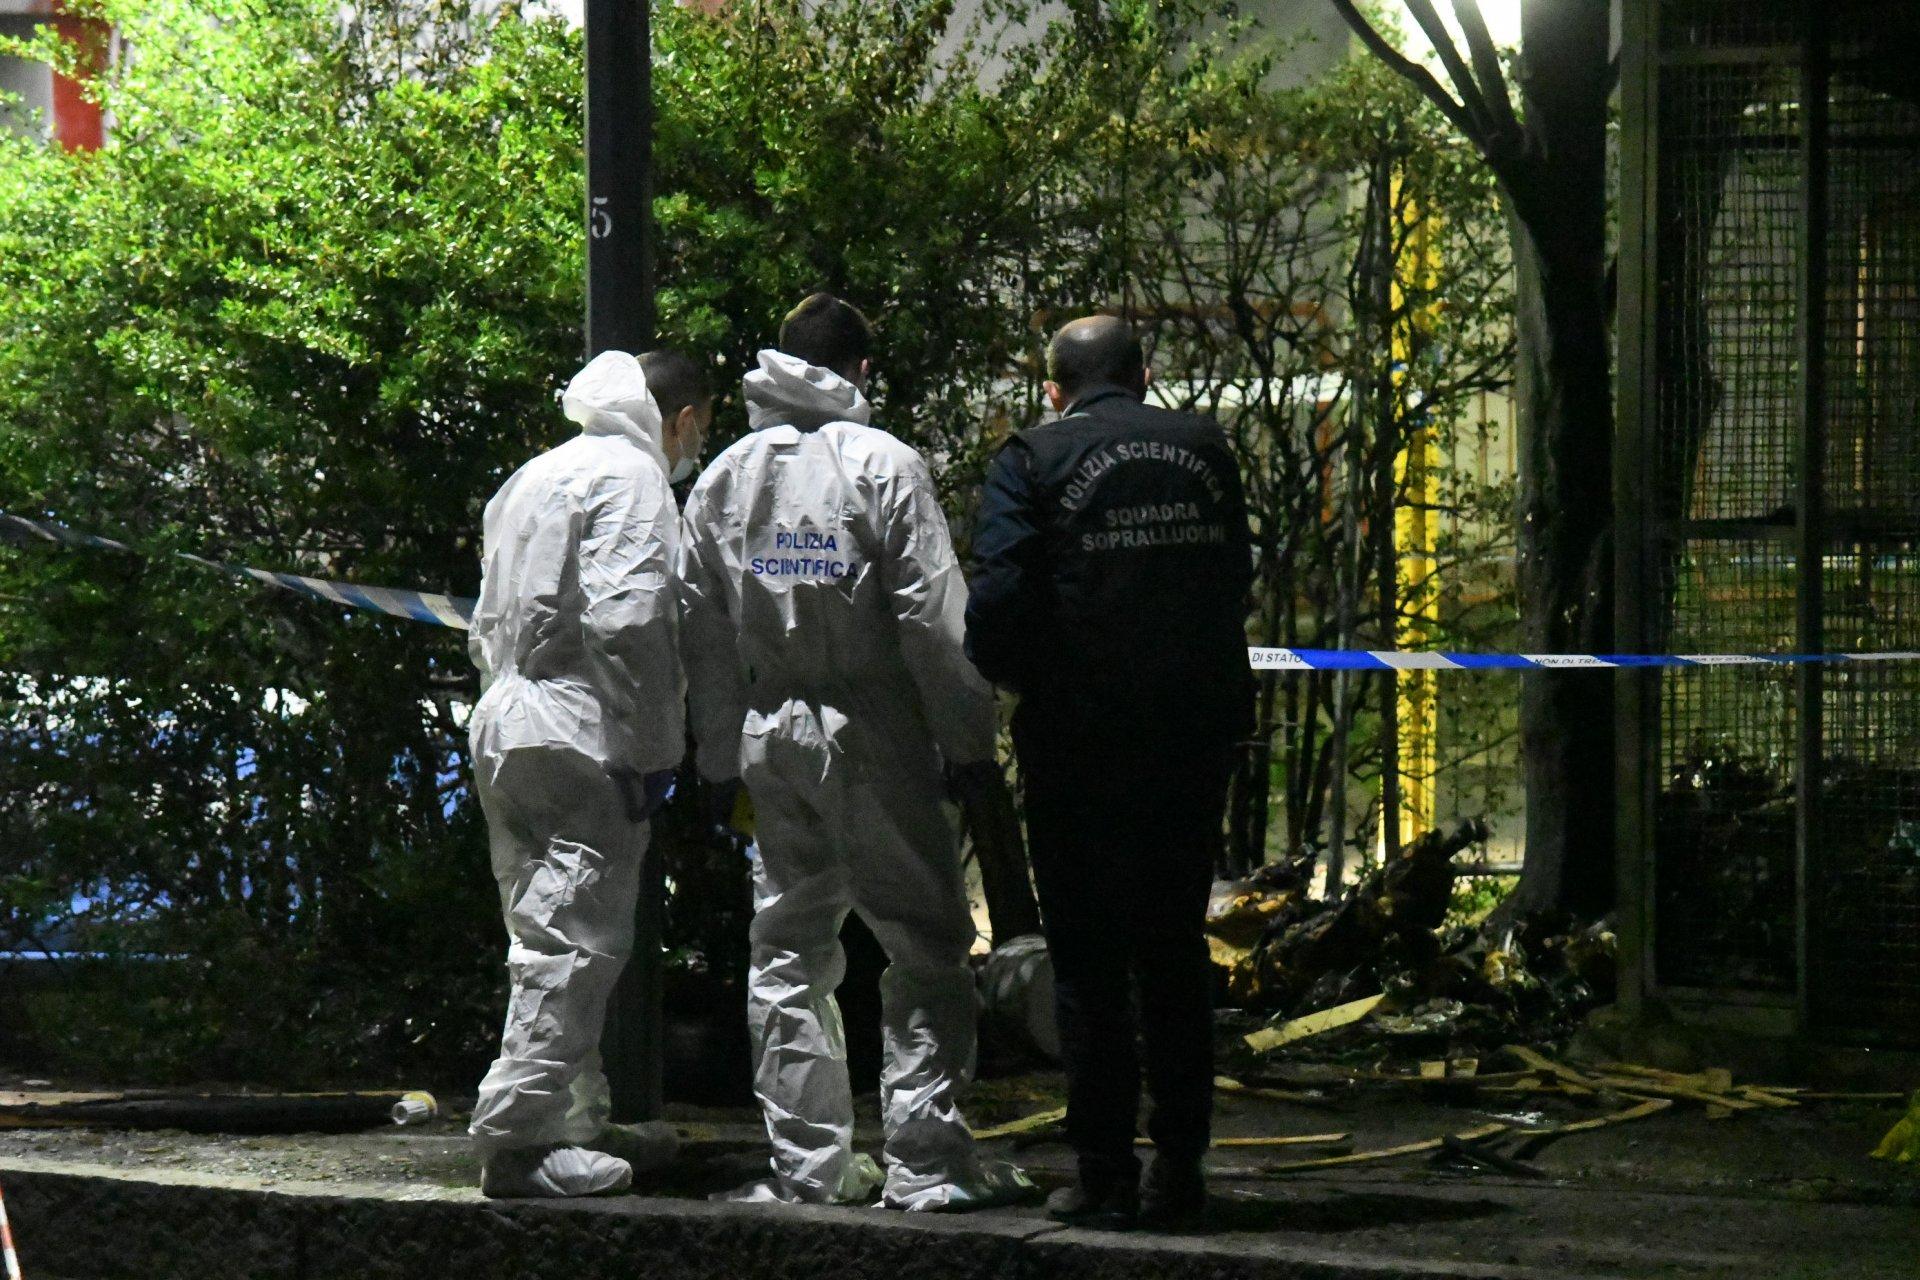 Cadavere mutilato, decapitato e bruciato in strada FOTO E VIDEO